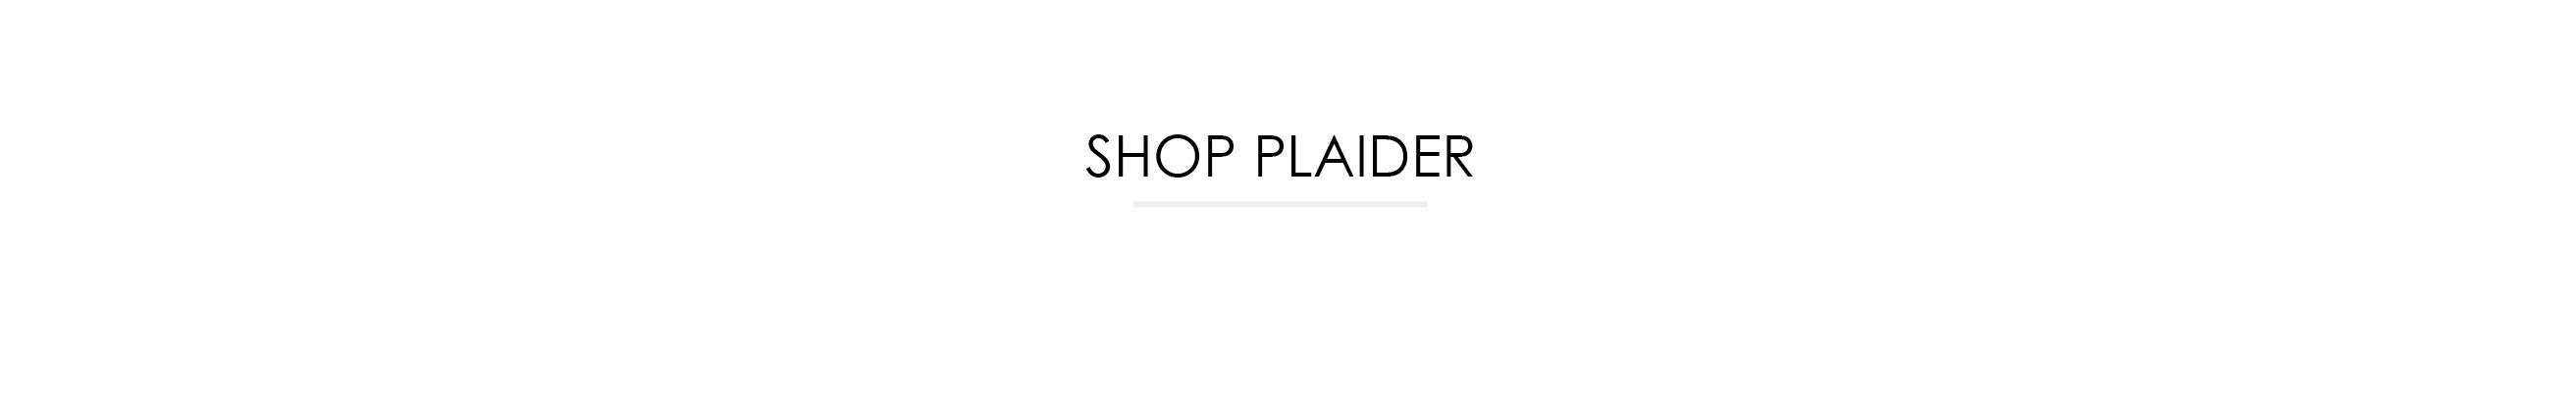 Shop plaider fra Røros Tweed